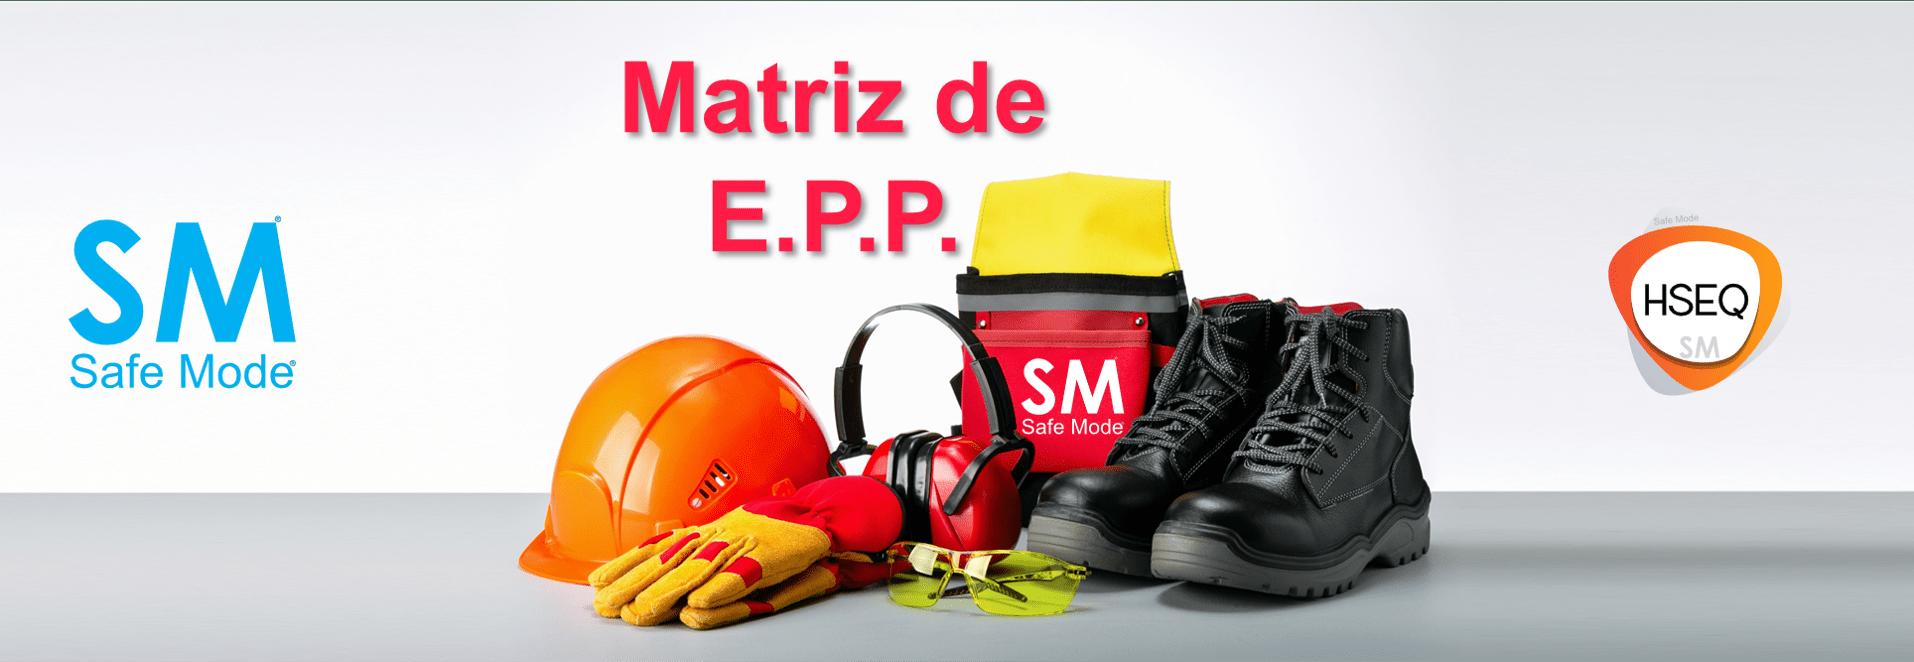 Todo sobre la matriz de EPP